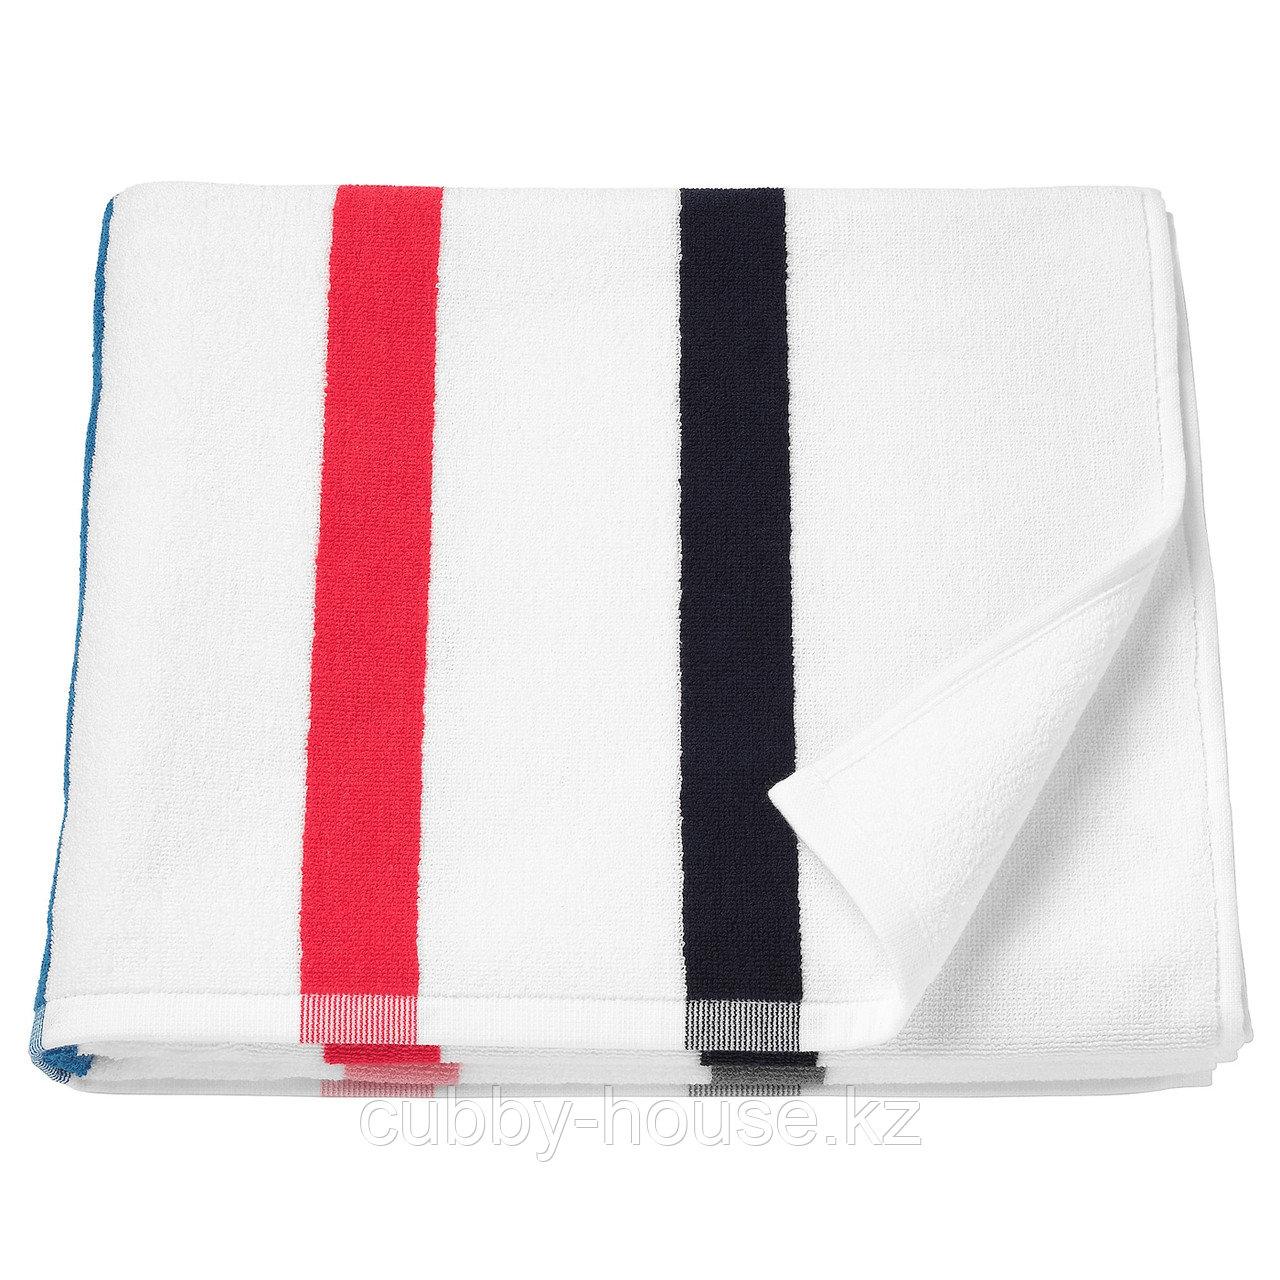 ФОСКОН Банное полотенце, белый, разноцветный, 70x140 см